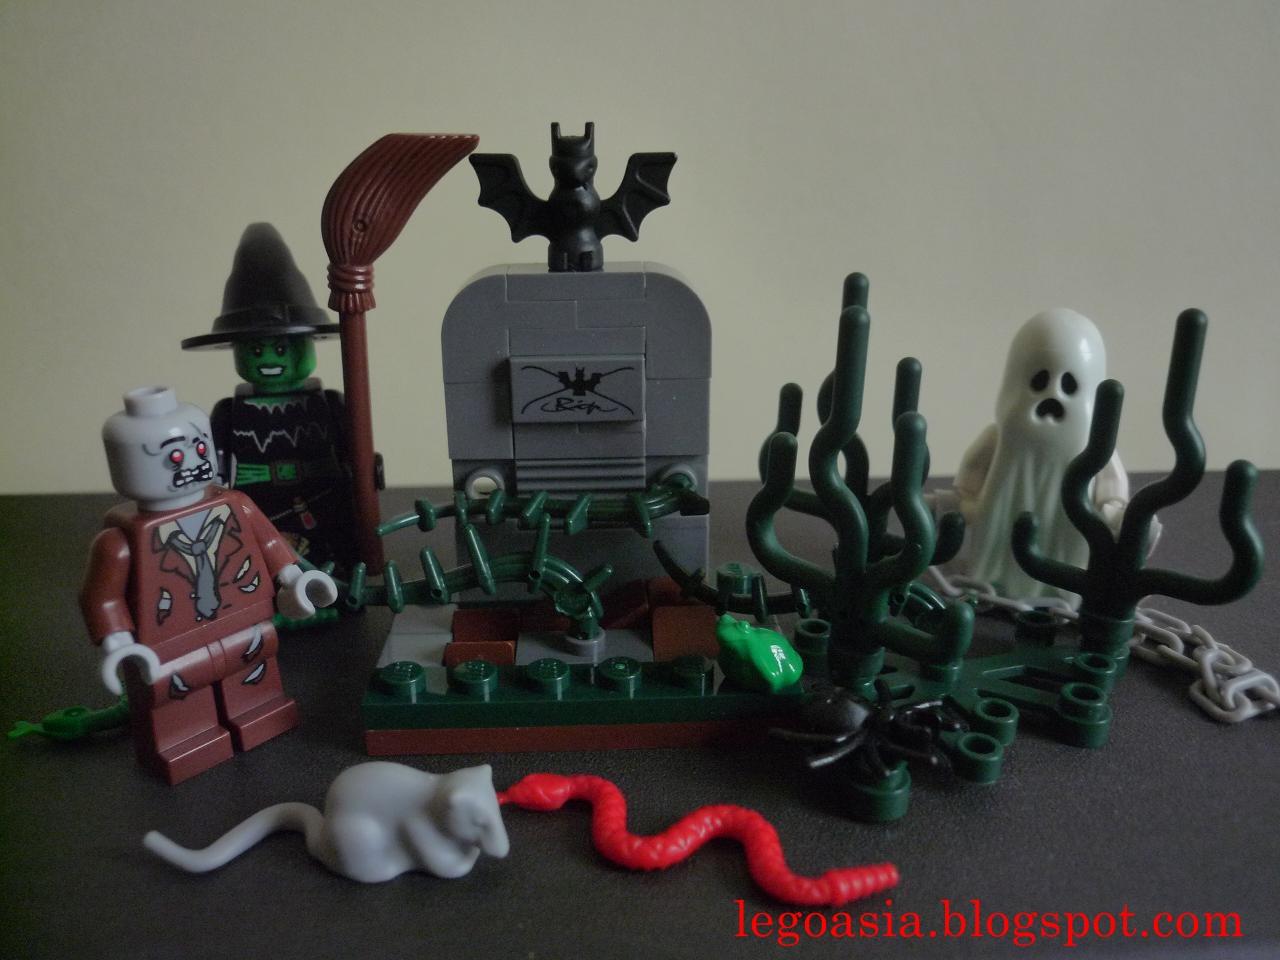 Lego Asia Lego 850487 Halloween Set Review